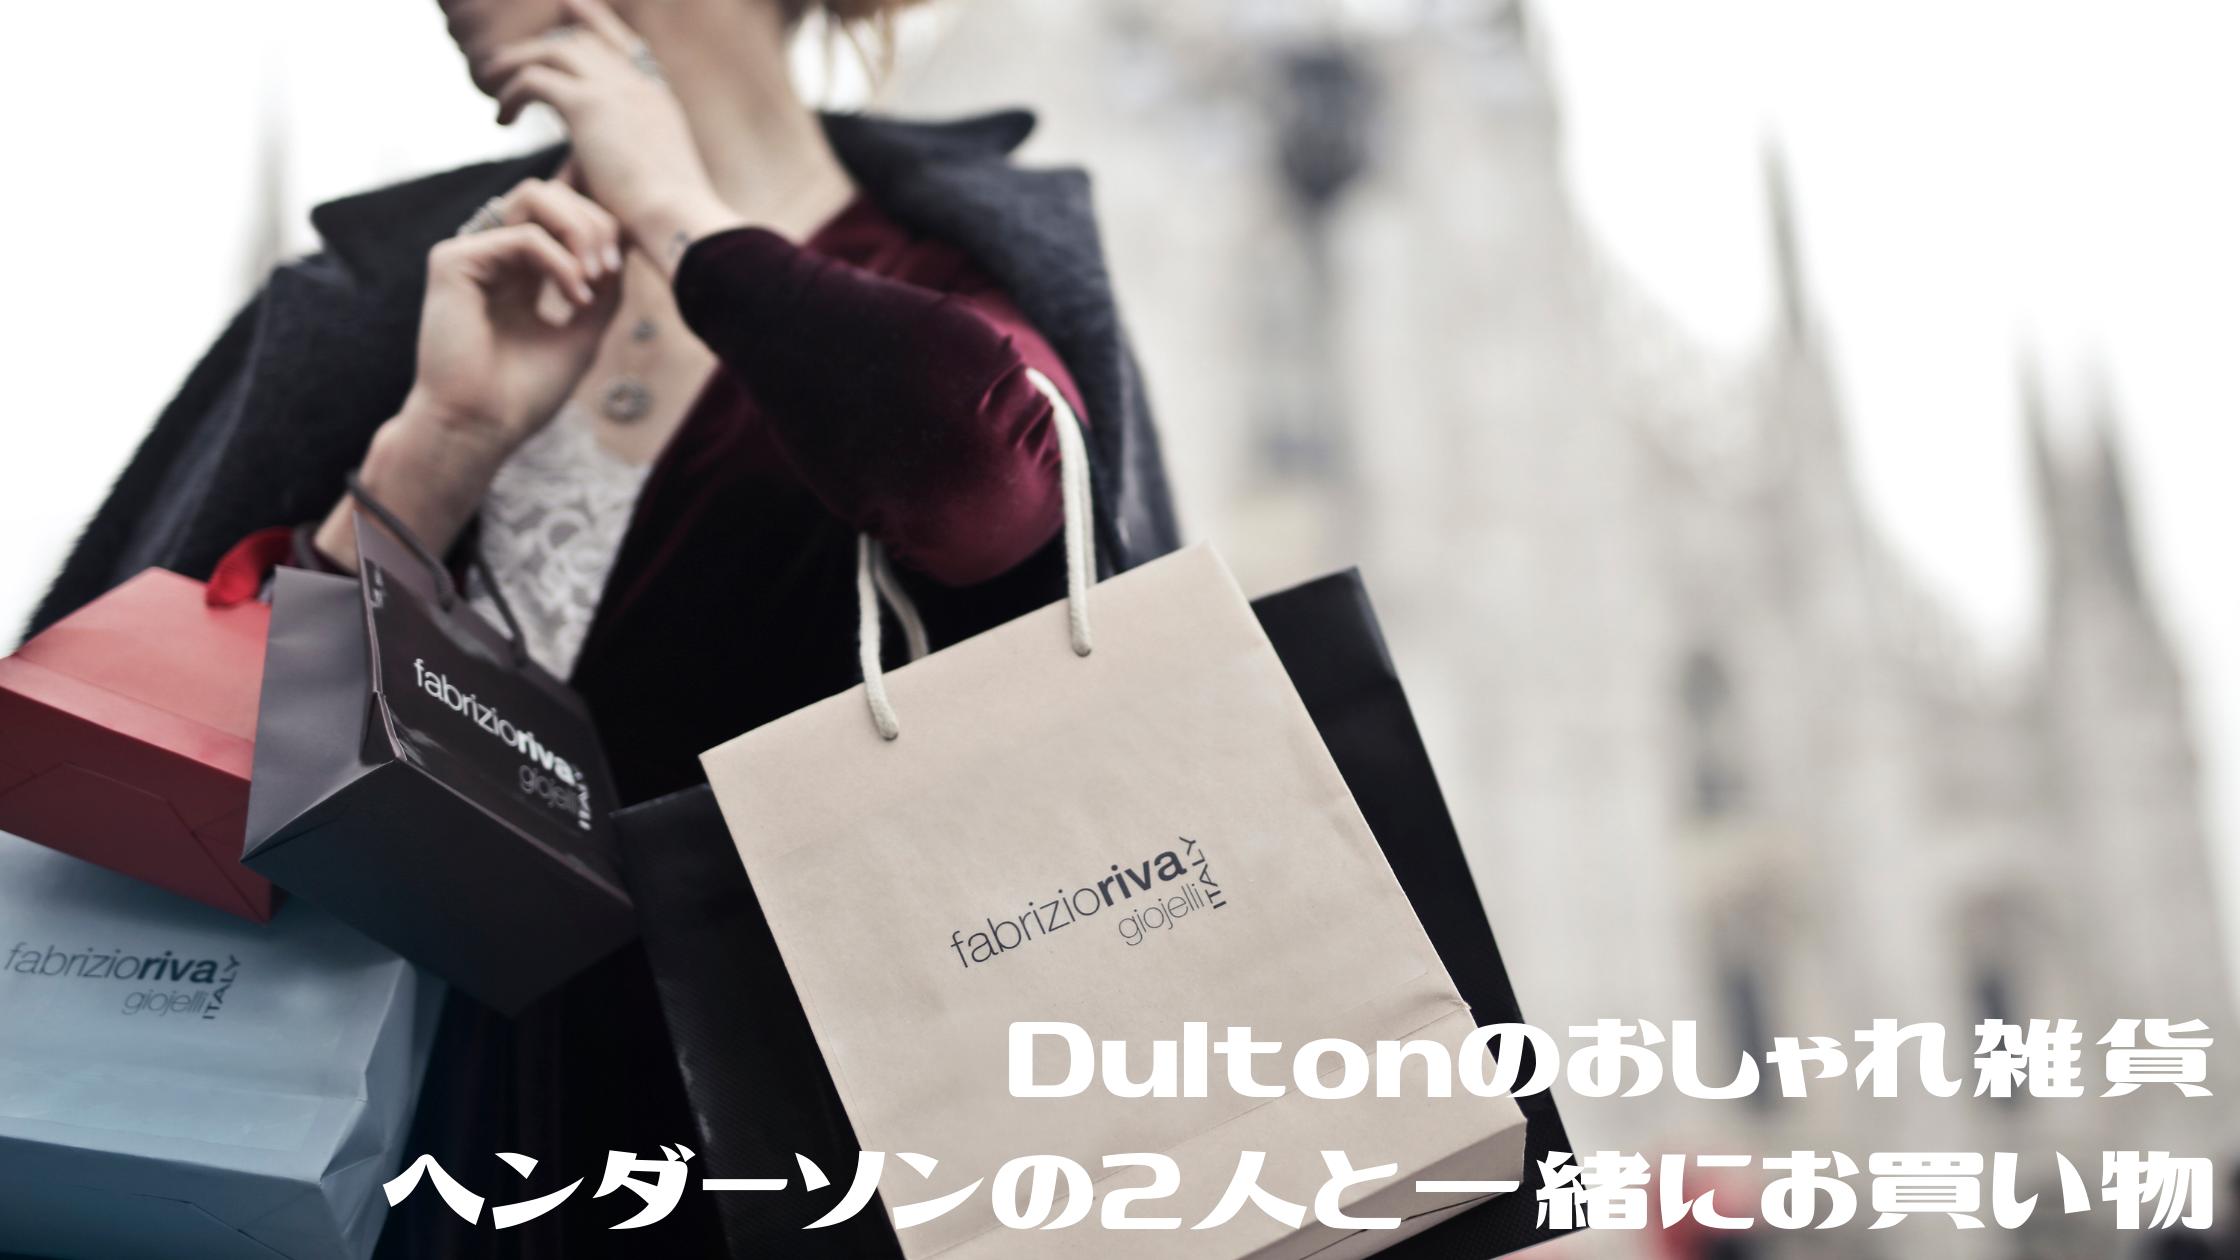 【やすとものどこいこ!?】『Dultonのおしゃれ雑貨』をヘンダーソンとお買い物